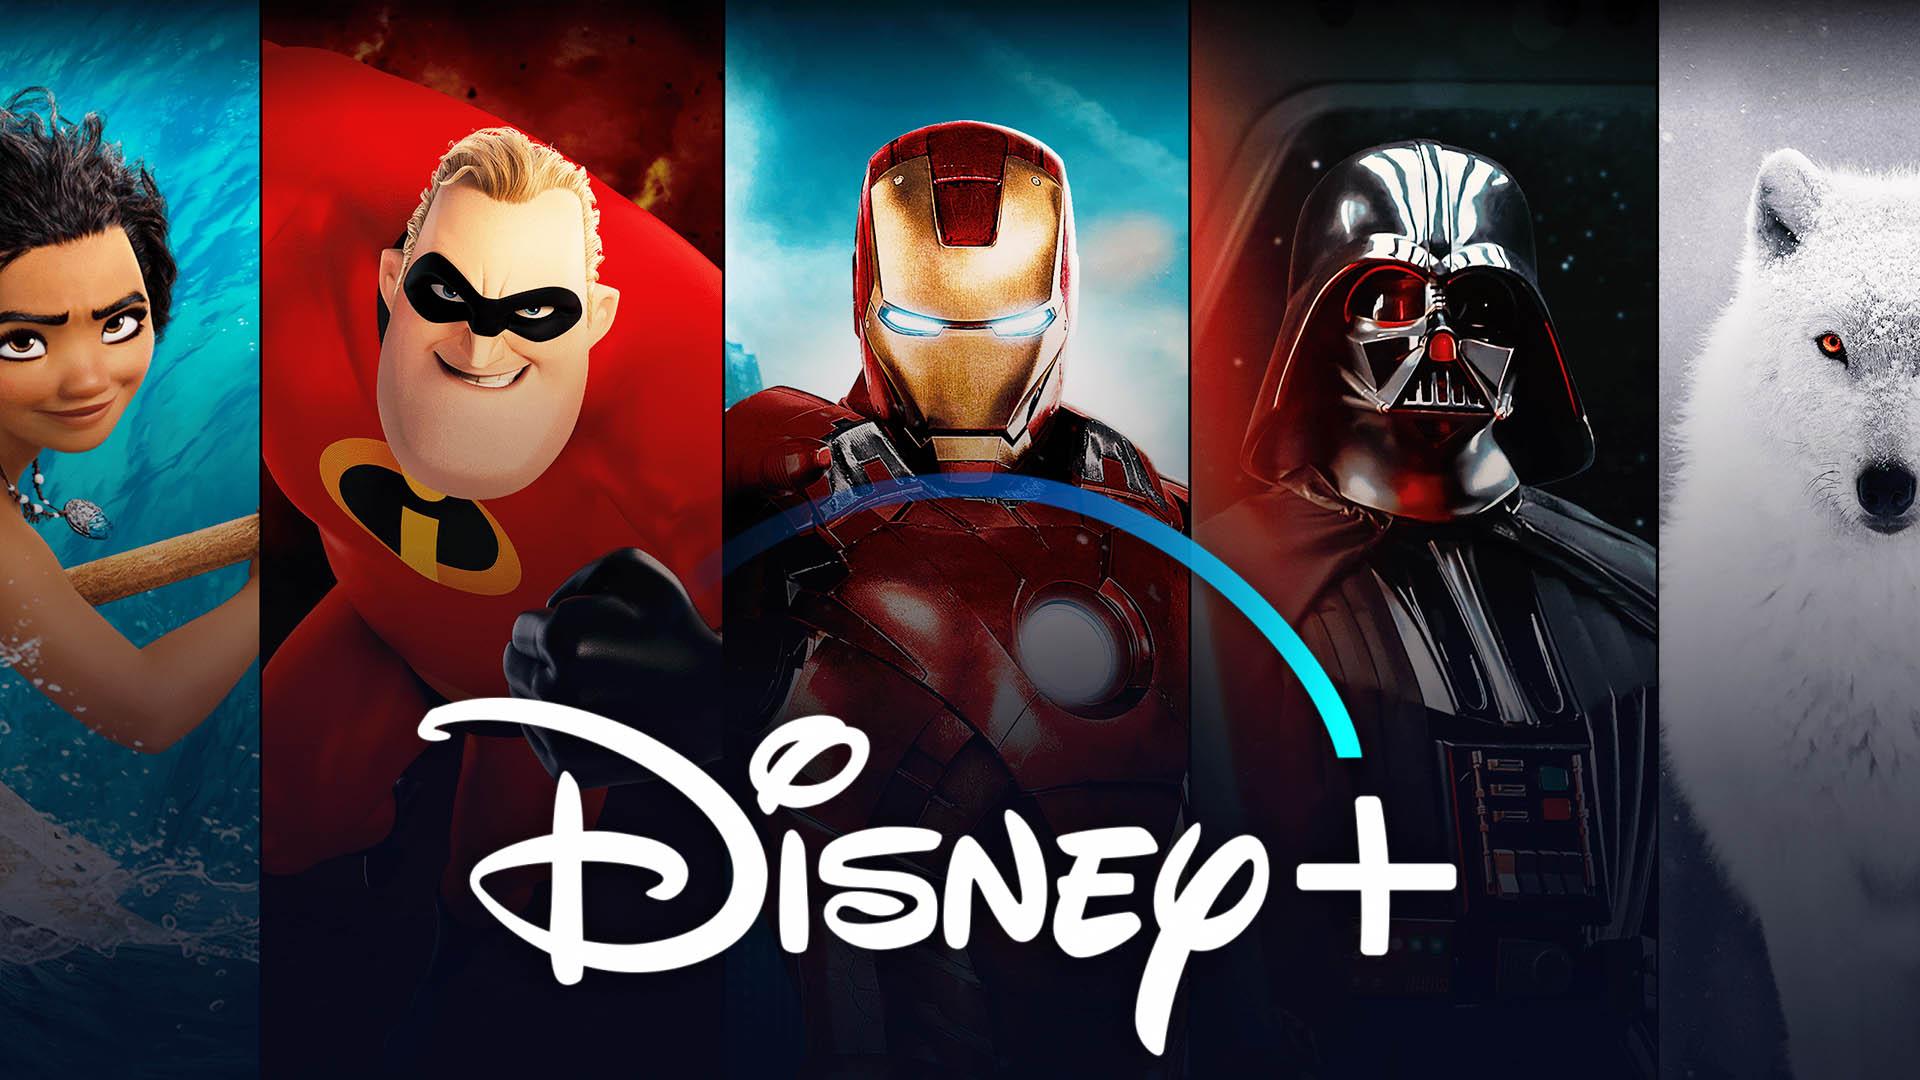 Fortnite schenkt euch 30 Tage Disney+ – Aber sie wollen was dafür